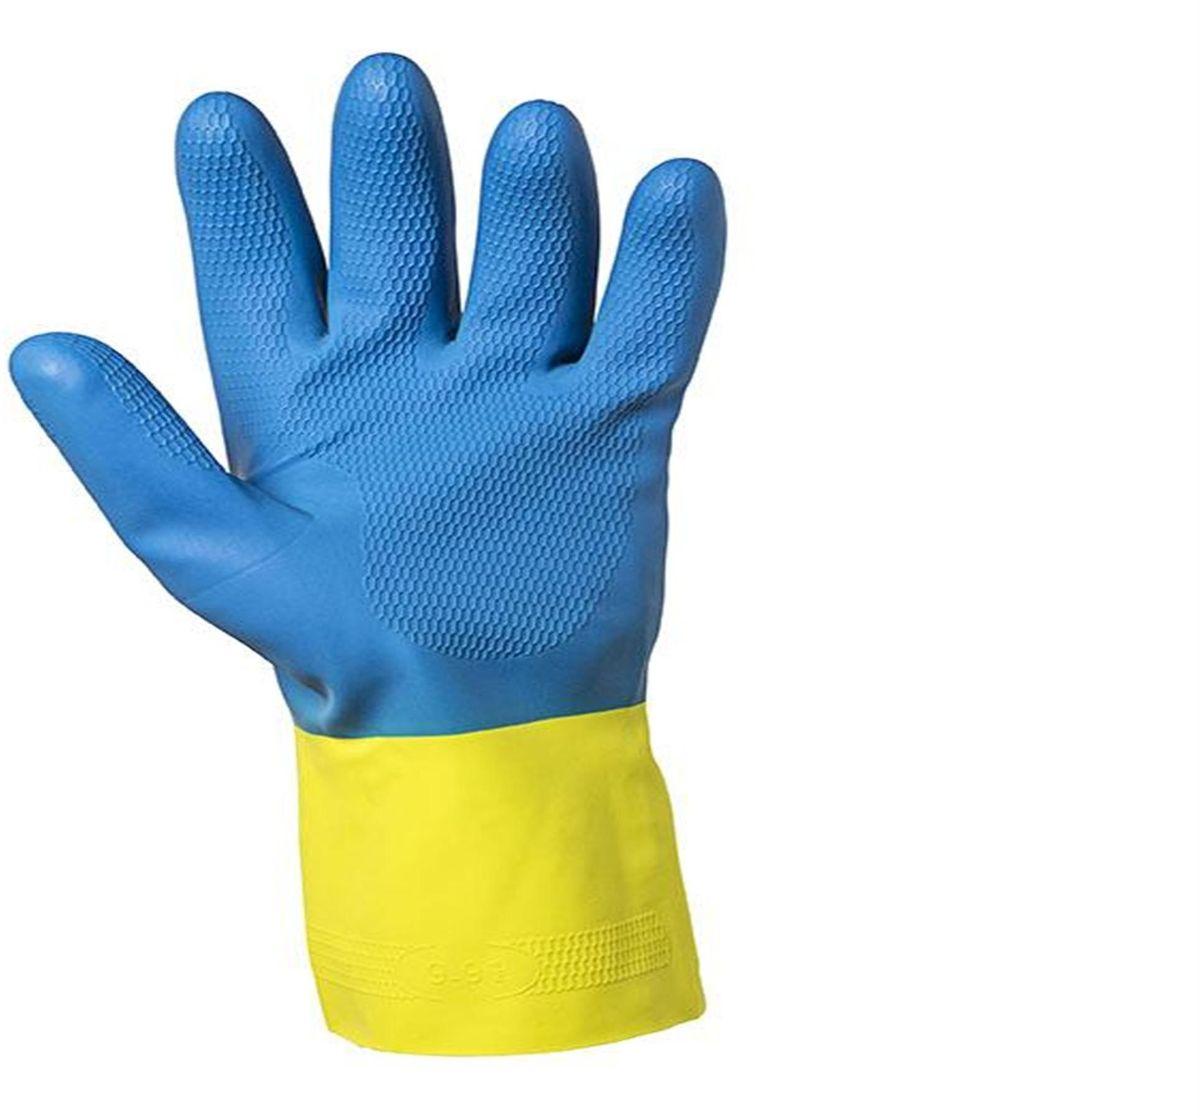 Перчатки хозяйственные Jackson Safety G80, размер 9 (L), цвет: желтый, голубой, 60 парPsr 1440 li-2Защитные перчатки JACKSON SAFETY® G80 латекс/неопрен для защиты от химических веществ подходят для целого спектра областей применения: обеспечивают надежную защиту от воздействия химических веществ. Относятся к СИЗ категории III (CE Complex), а также обеспечивают защиту от механического воздействия в тех областях, где работают с химическими веществами, маслами, густыми смазками, кислотами, каустическими средствами или растворителями. Разрешен контакт с пищевыми продуктами. Поставляются в виде пары перчаток с индивидуальным дизайном для левой и правой руки; толщина 0,70 мм; имеют неопреновое покрытие поверх латекса для обеспечения максимальной защиты, а также для улучшения гибкости материала. Удлиненные манжеты, текстурированный материал в области ладони обеспечивает отличный захват при работе сухими/влажными поверхностями; хлопковое напыление на внутренней стороне перчатки обеспечивает легкость при надевании/снятии перчатки, а также комфорт при длительном использовании. Хлорированы для снижения воздействия латексных протеинов на кожу.Размеры:38741 - S (7)38742 - M (8)38743 - L (9)38744 - XL (10)